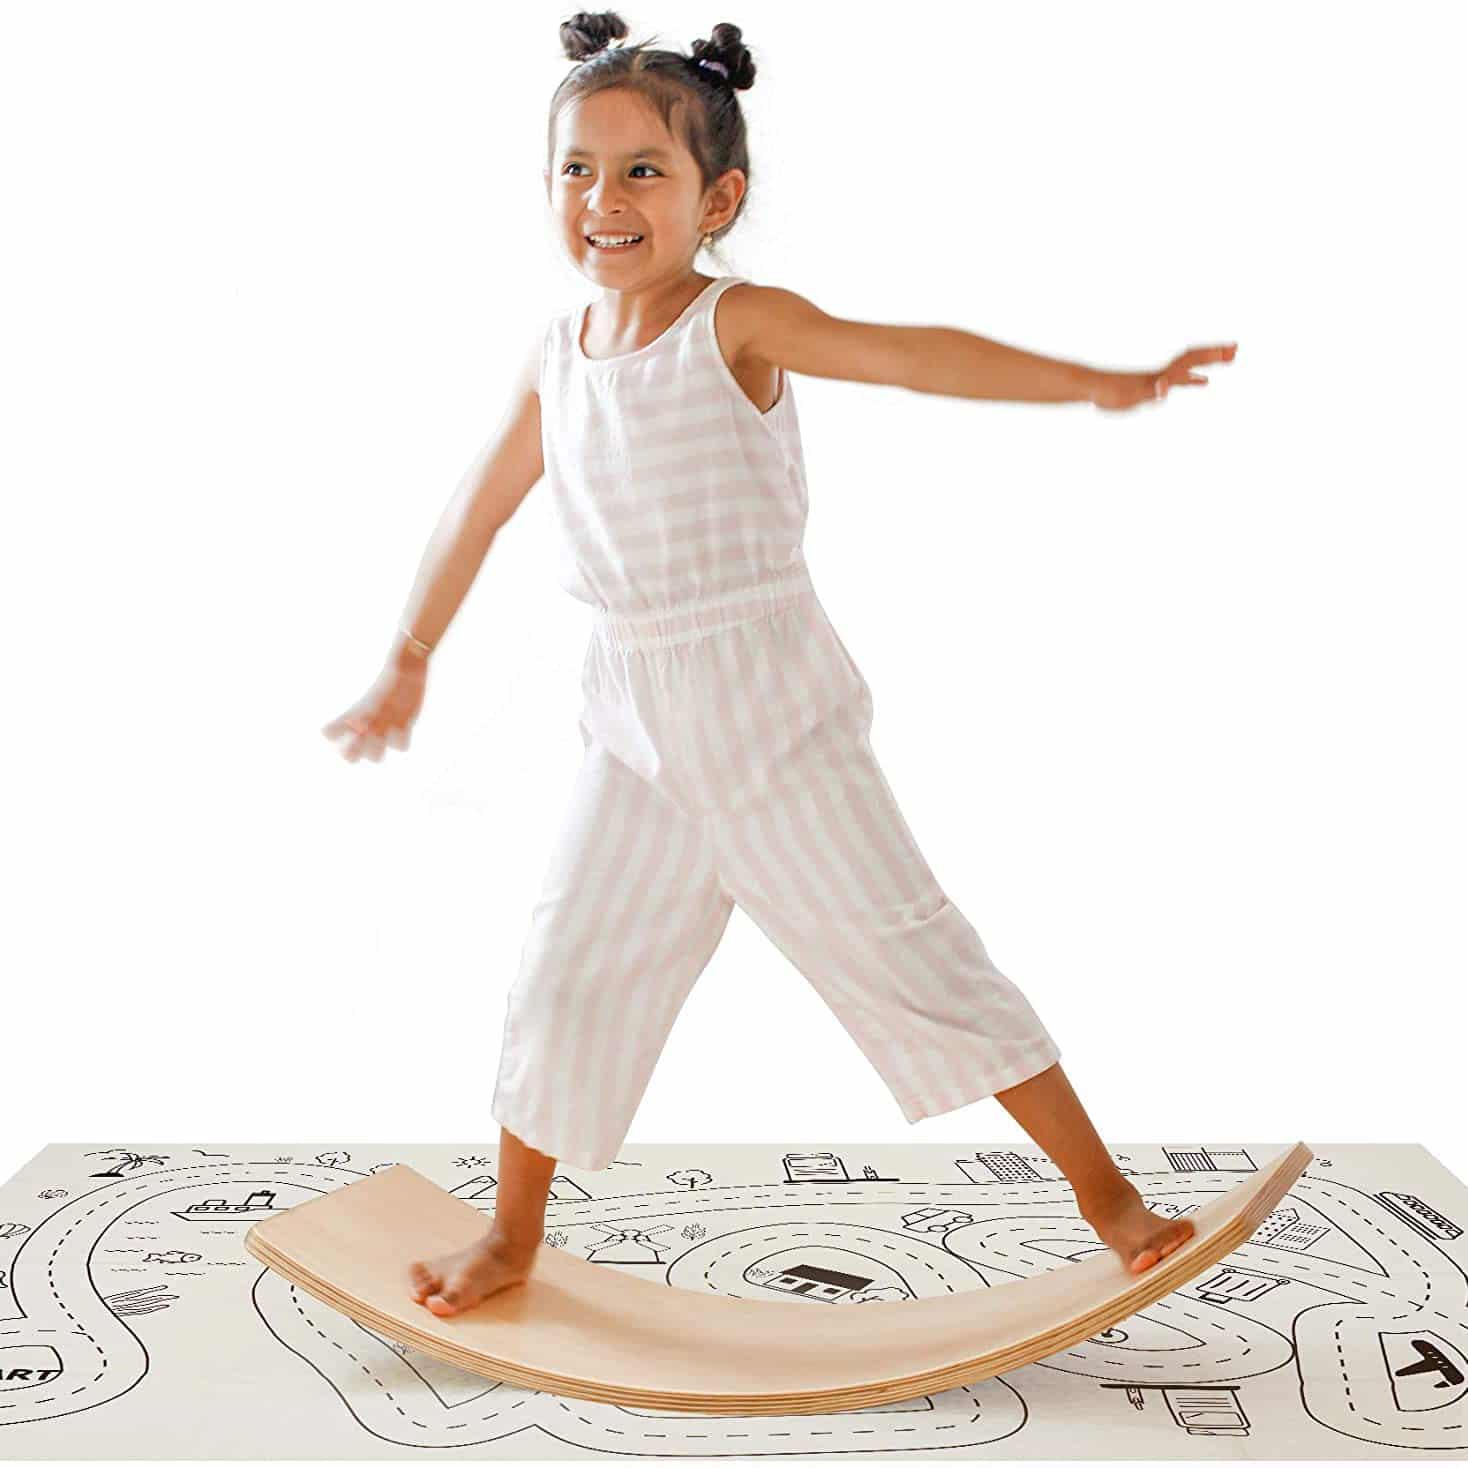 Crisschirs Wooden Balance Board with Play Mat